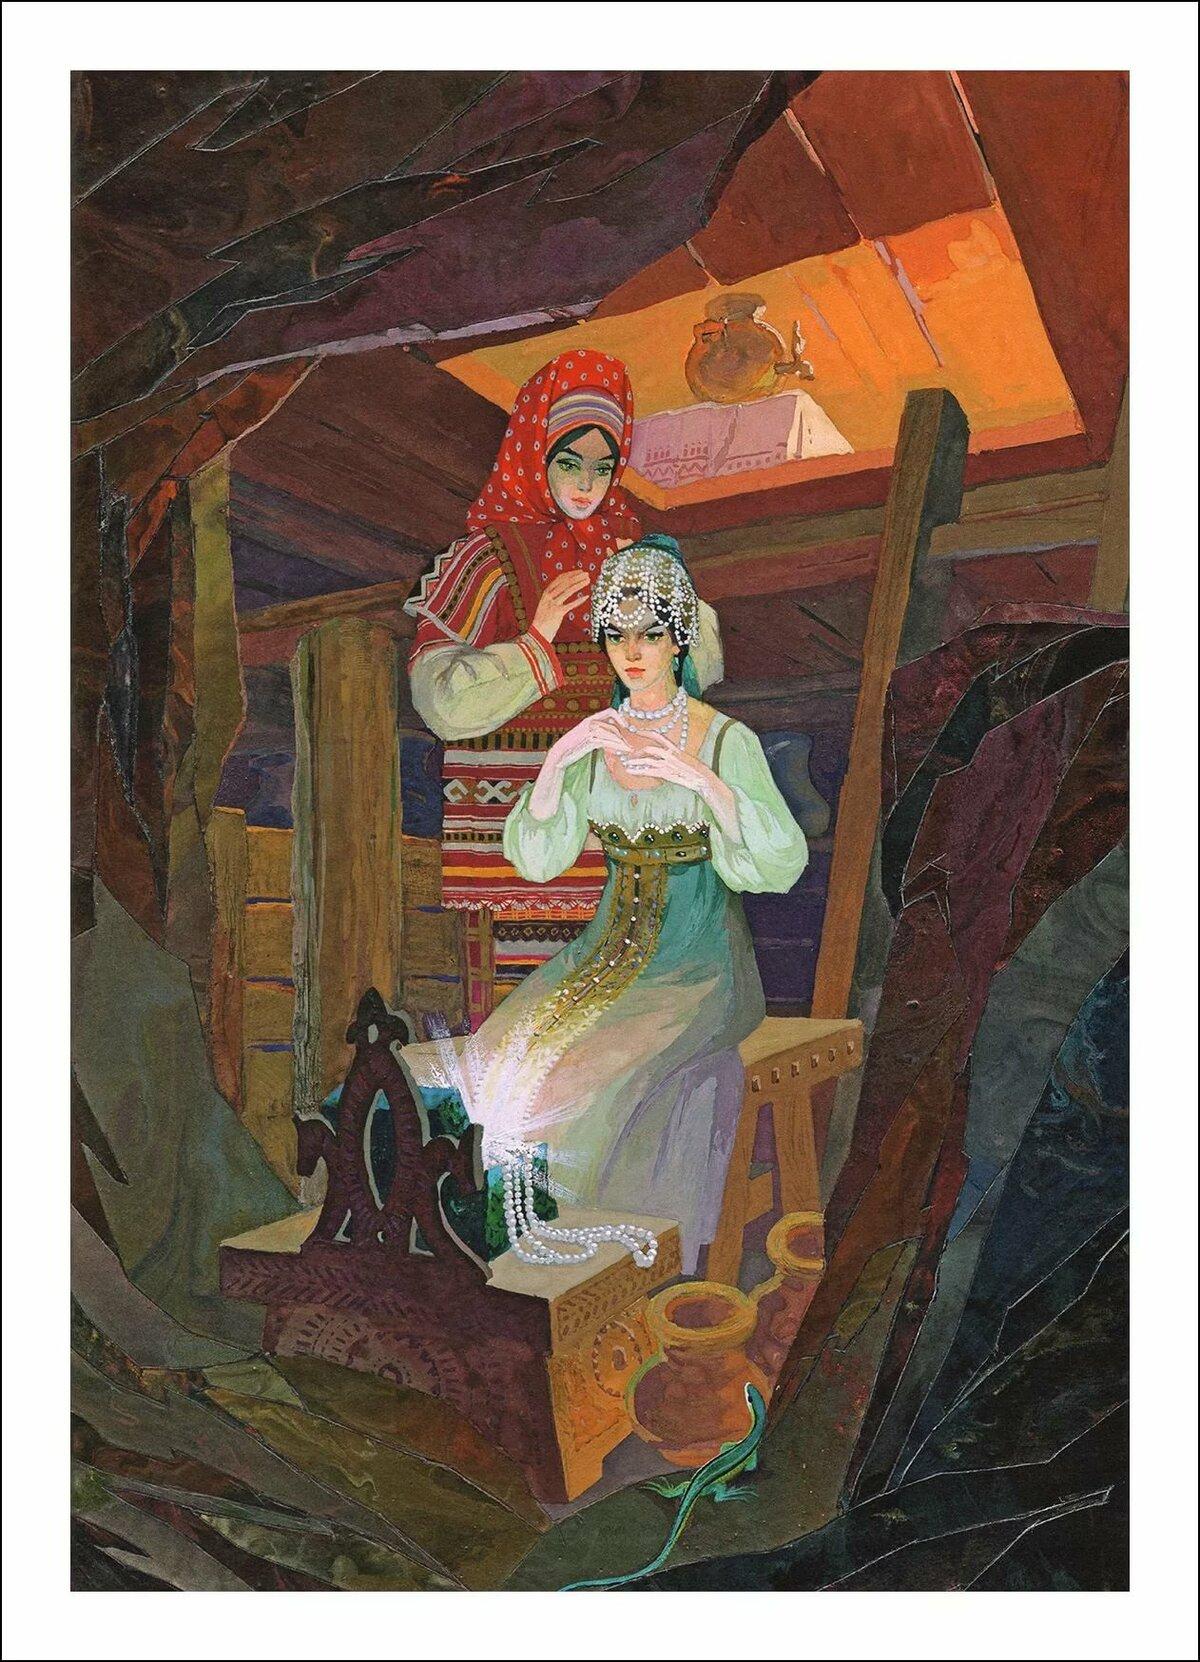 День рождения, картинки к сказкам бажова малахитовая шкатулка